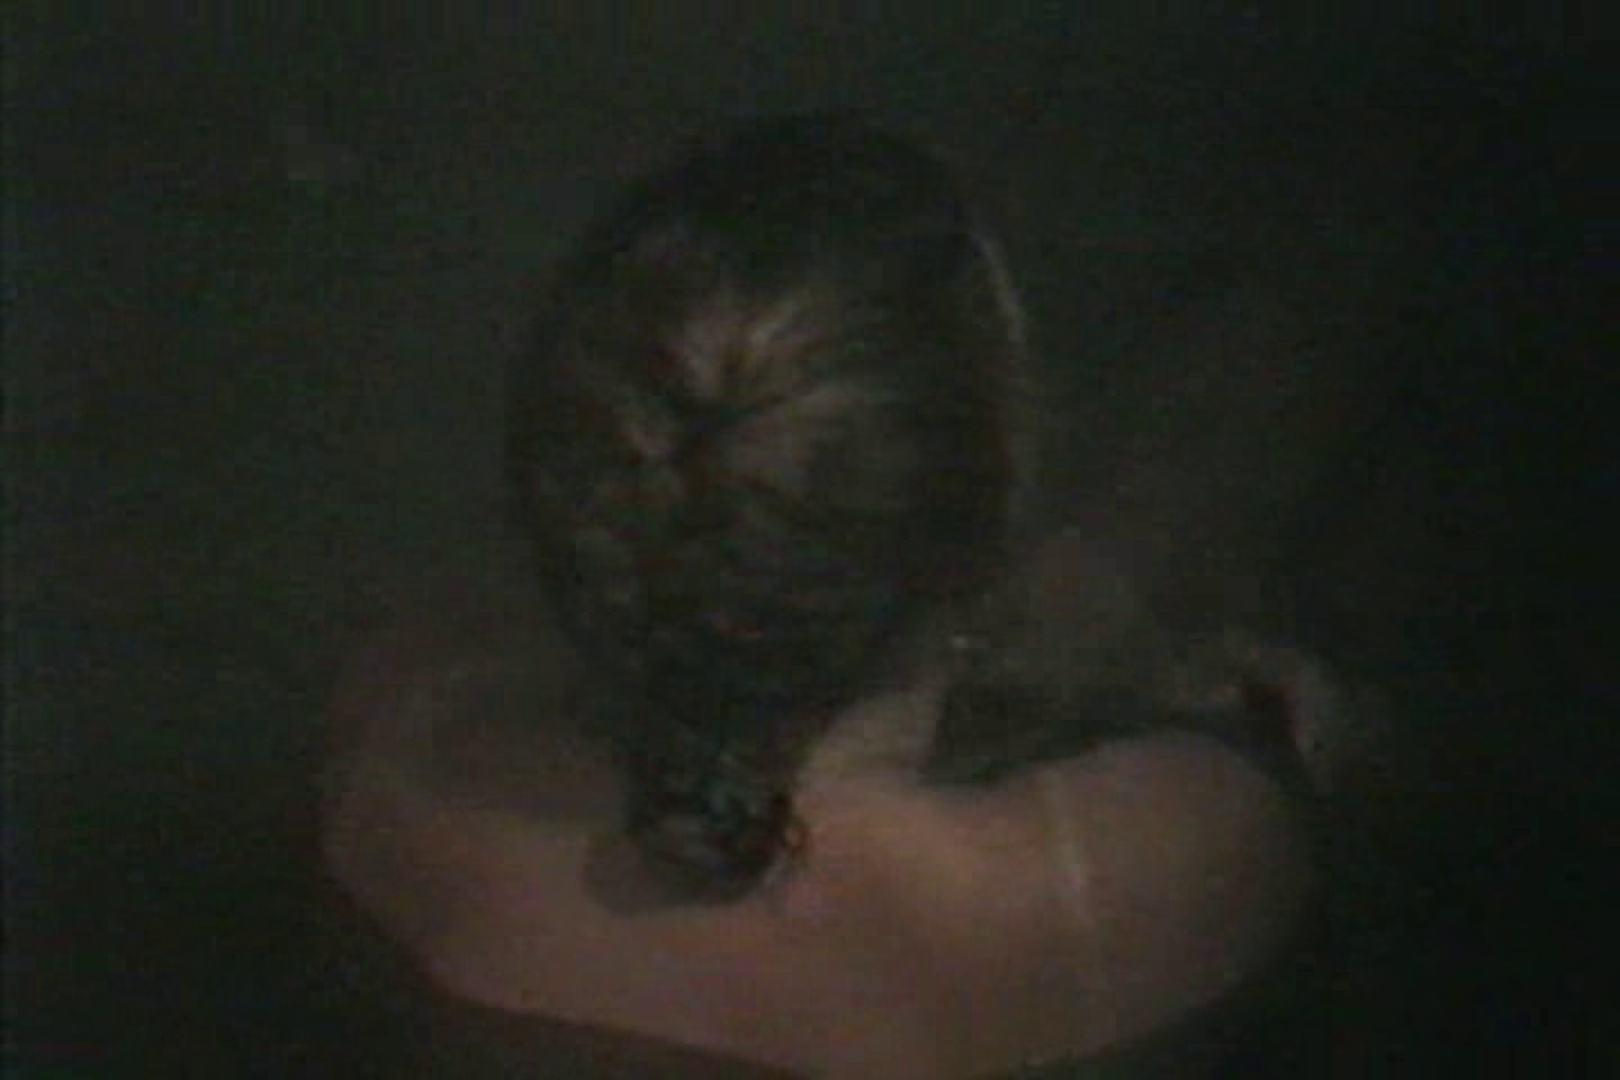 激撮!! 接写天井裏の刺客Vol.4 女子風呂盗撮  79画像 15